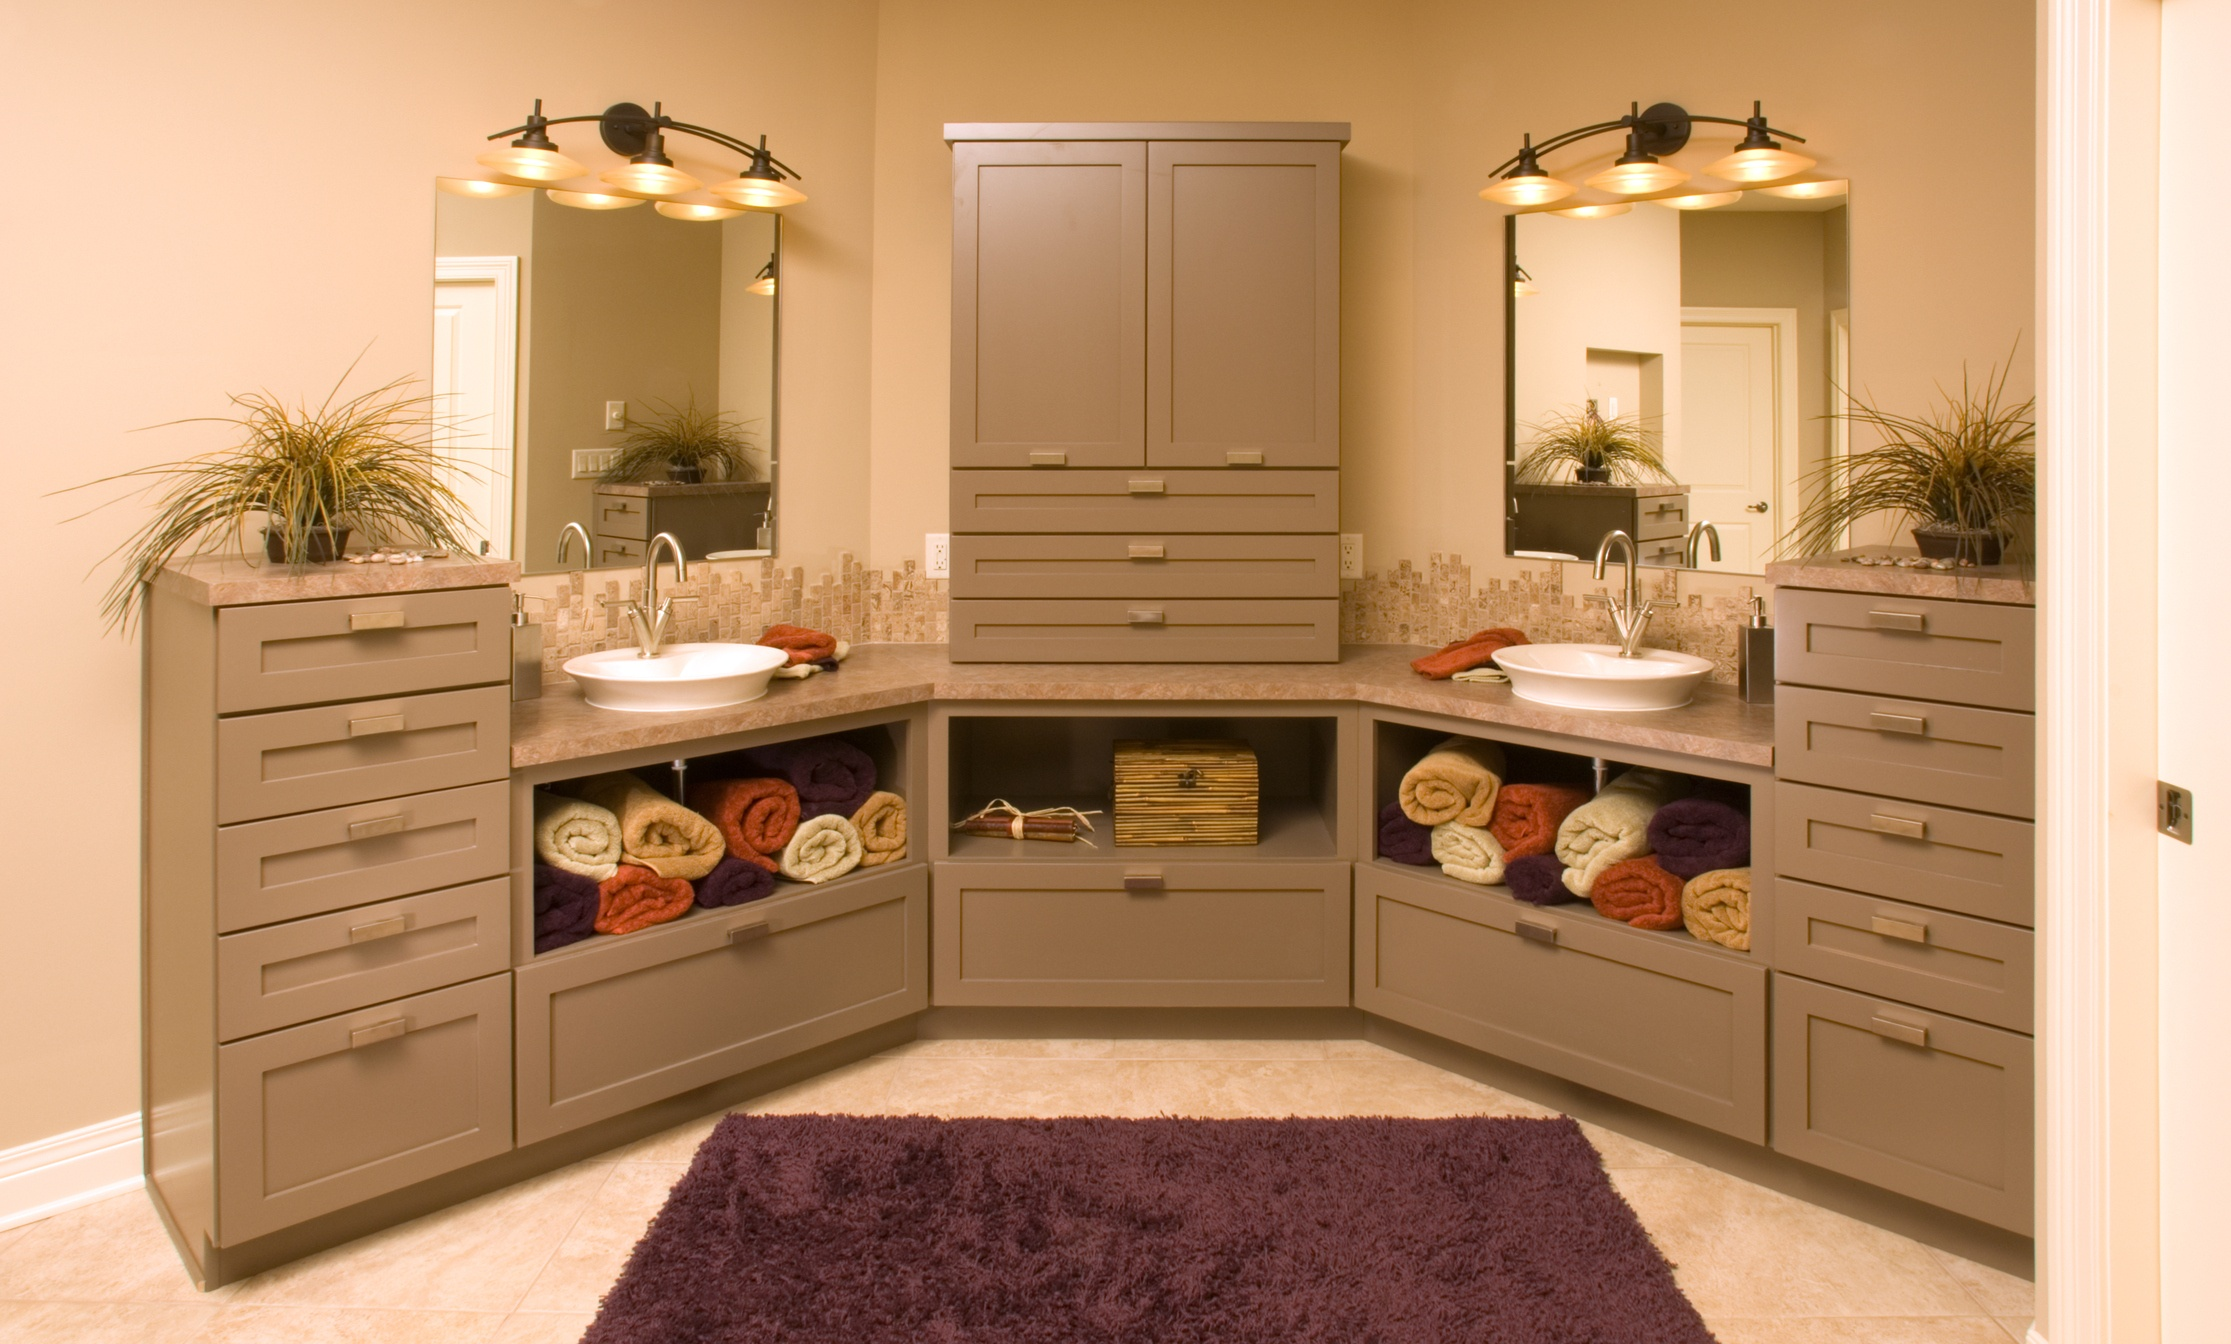 dual vanities with open shelves below in master bath remodel